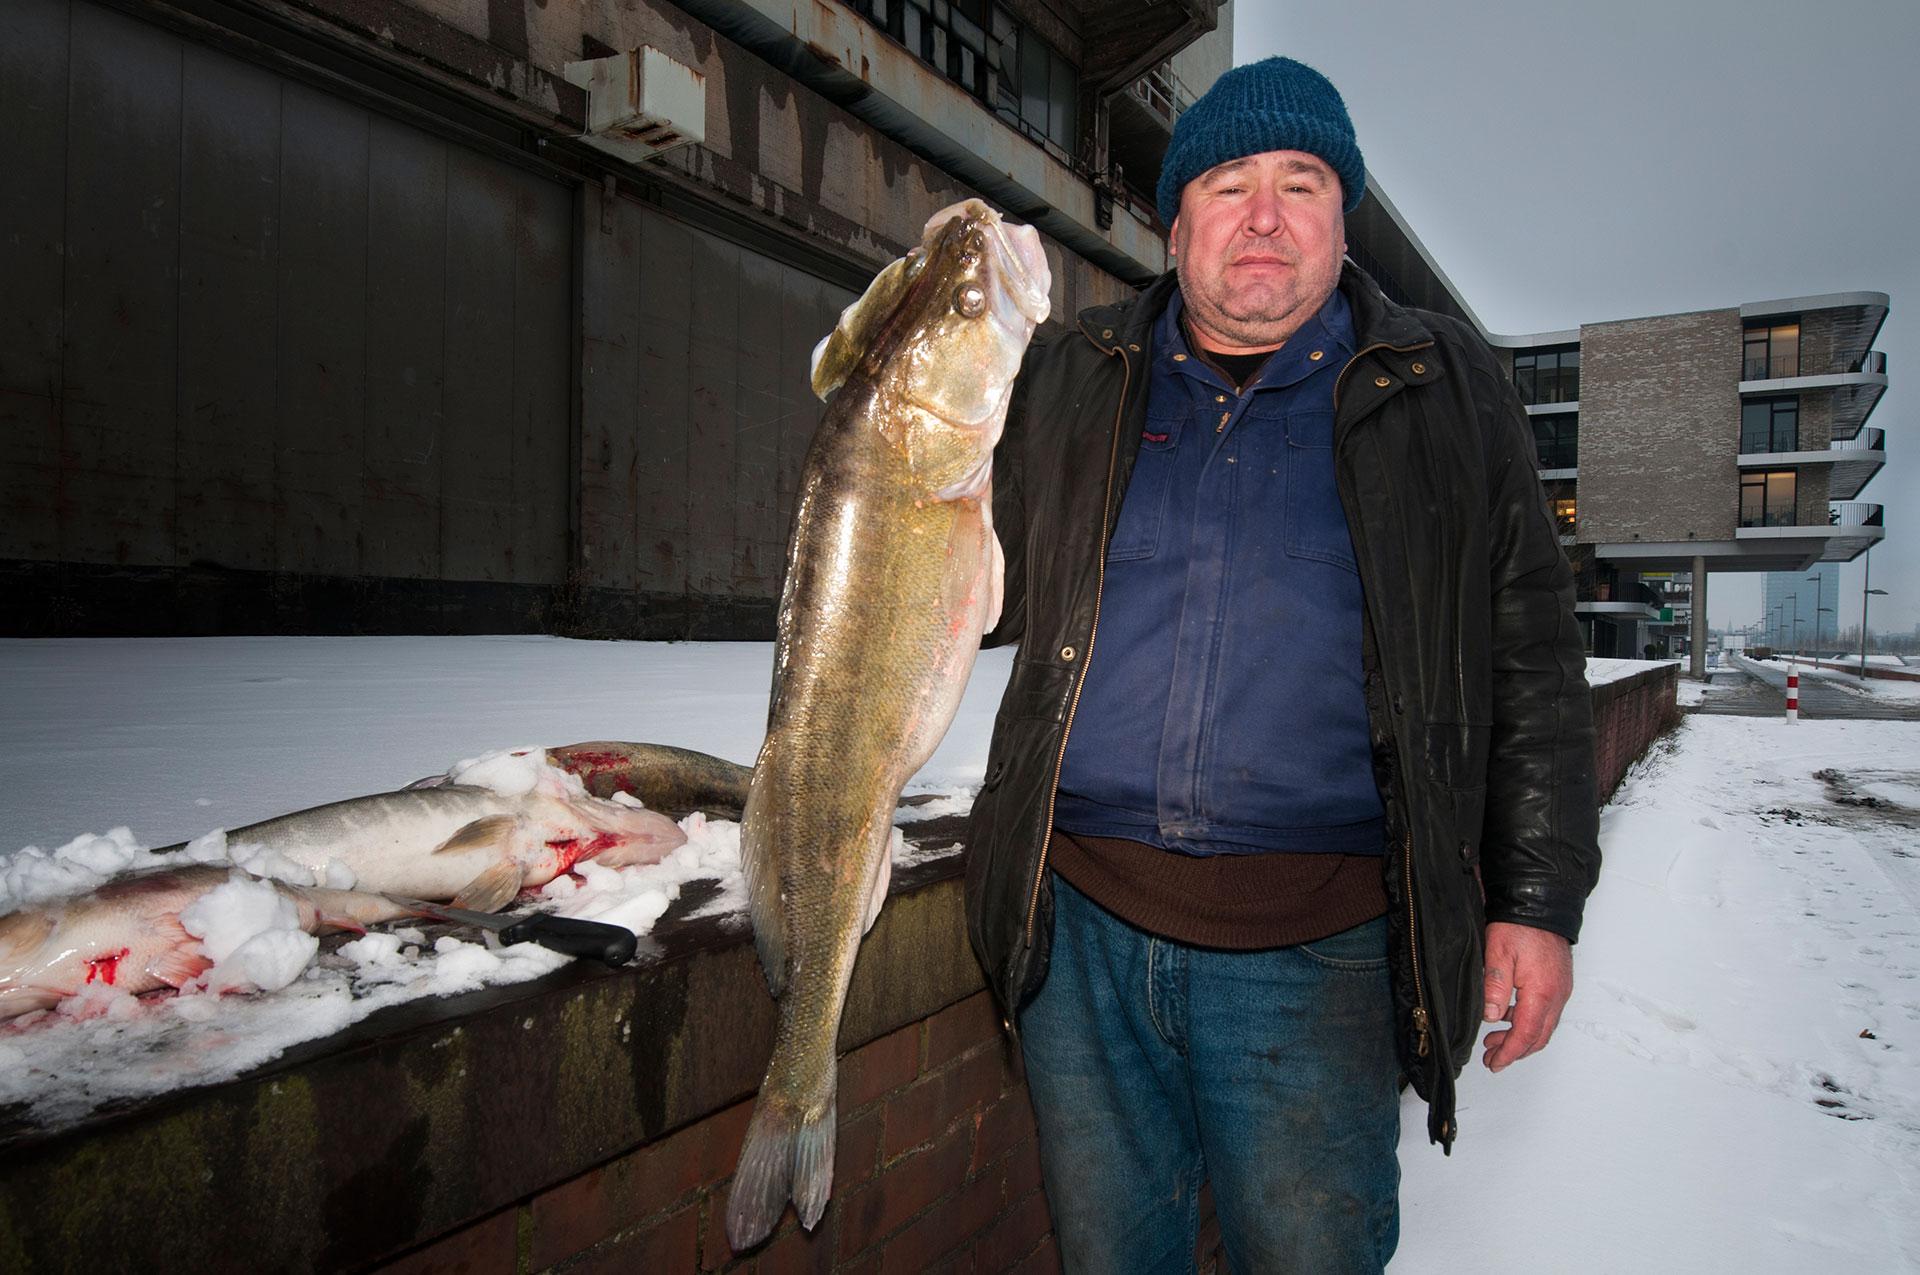 In Bremen in der Überseestadt am Europahafen zeigt ein Angler aus der Ukraine seinen kapitalen Fang einen Zander